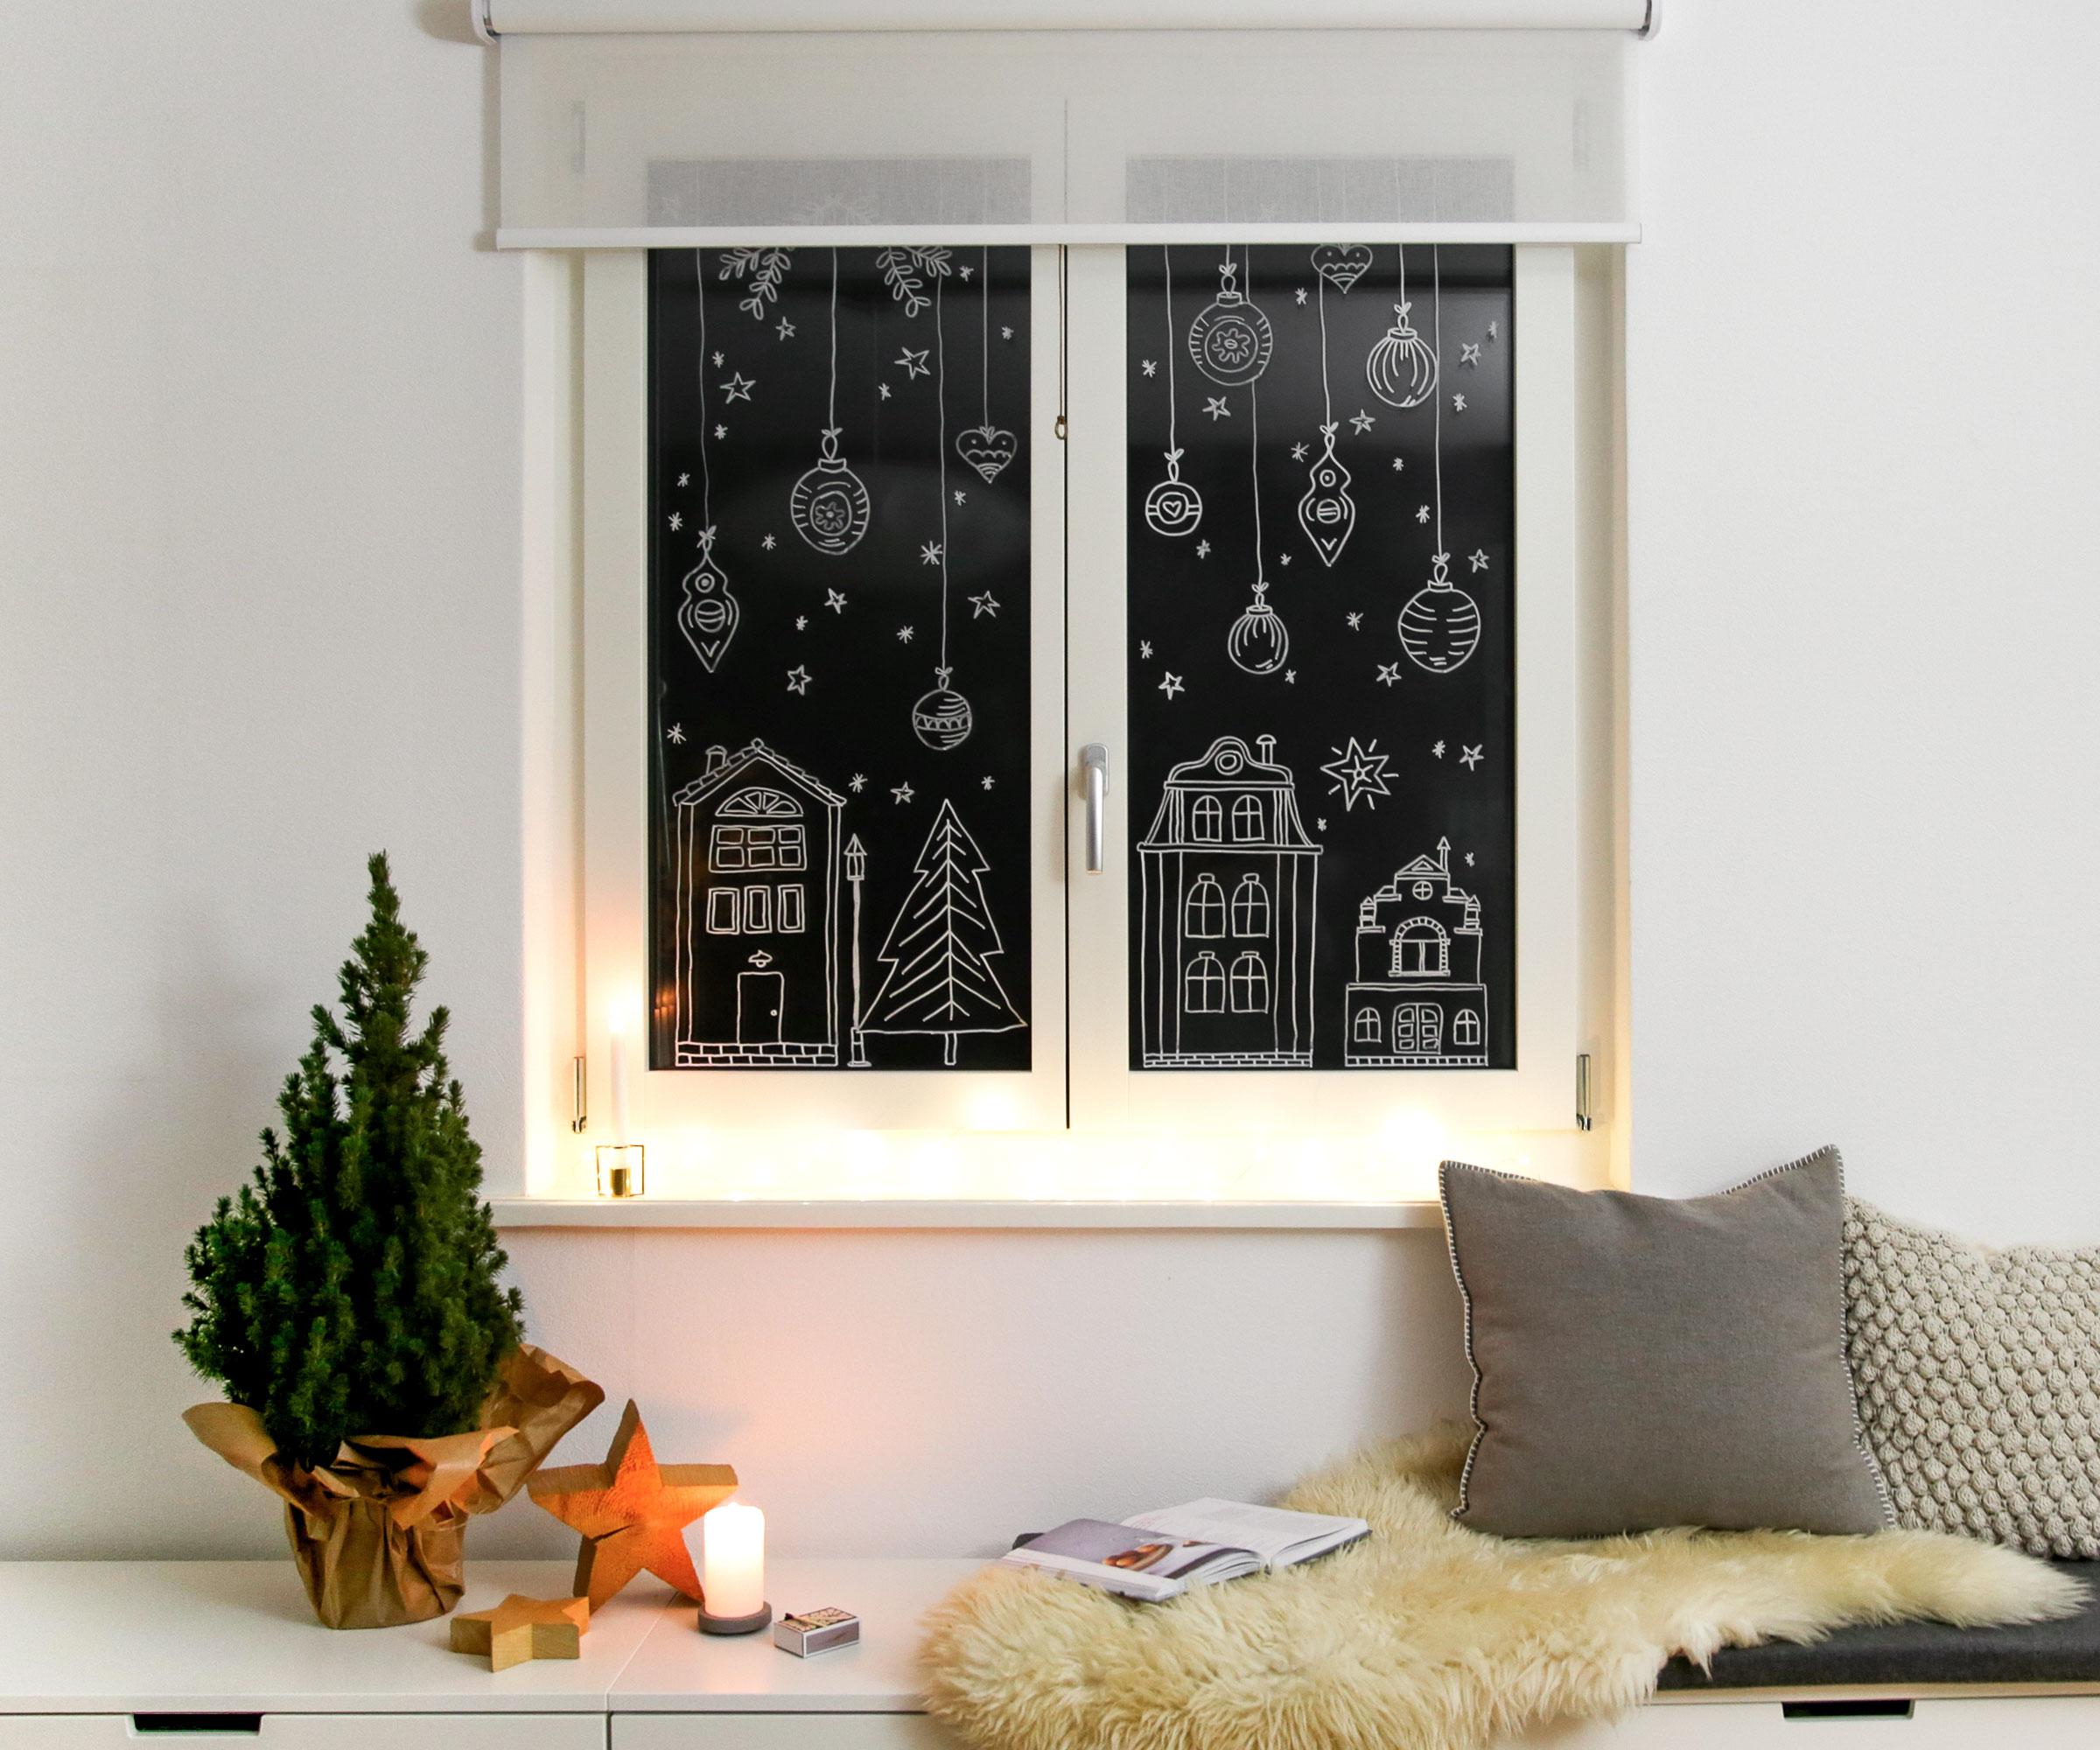 Decorare Finestre Per Natale Scuola decorazioni natalizie per finestre con i pennarelli a gesso